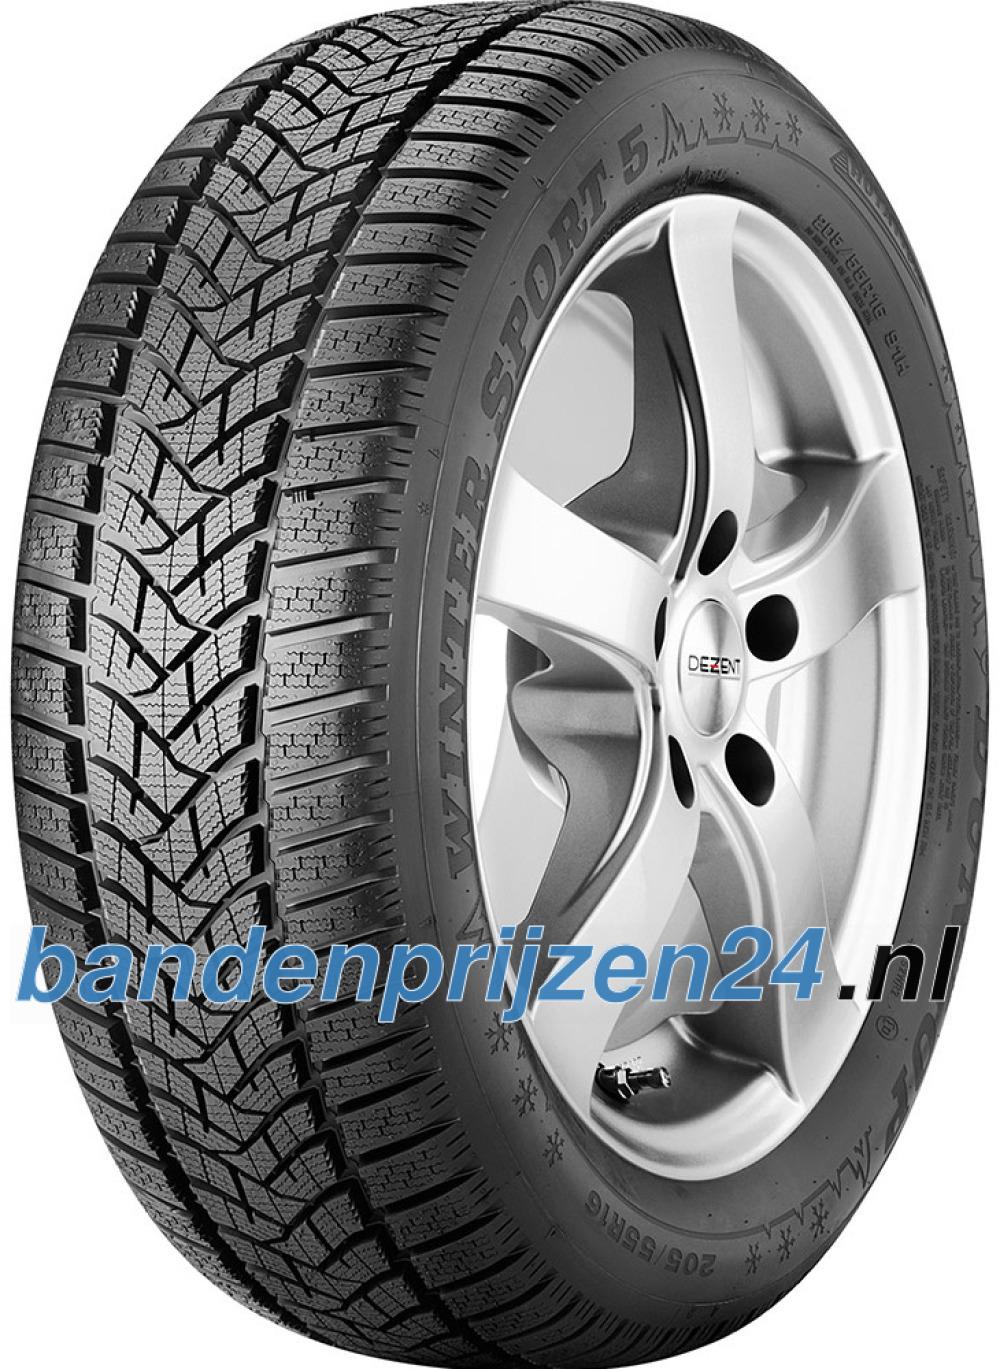 Dunlop Winter Sport 5 ( 245/40 R18 97V XL , met velgrandbescherming (MFS) )